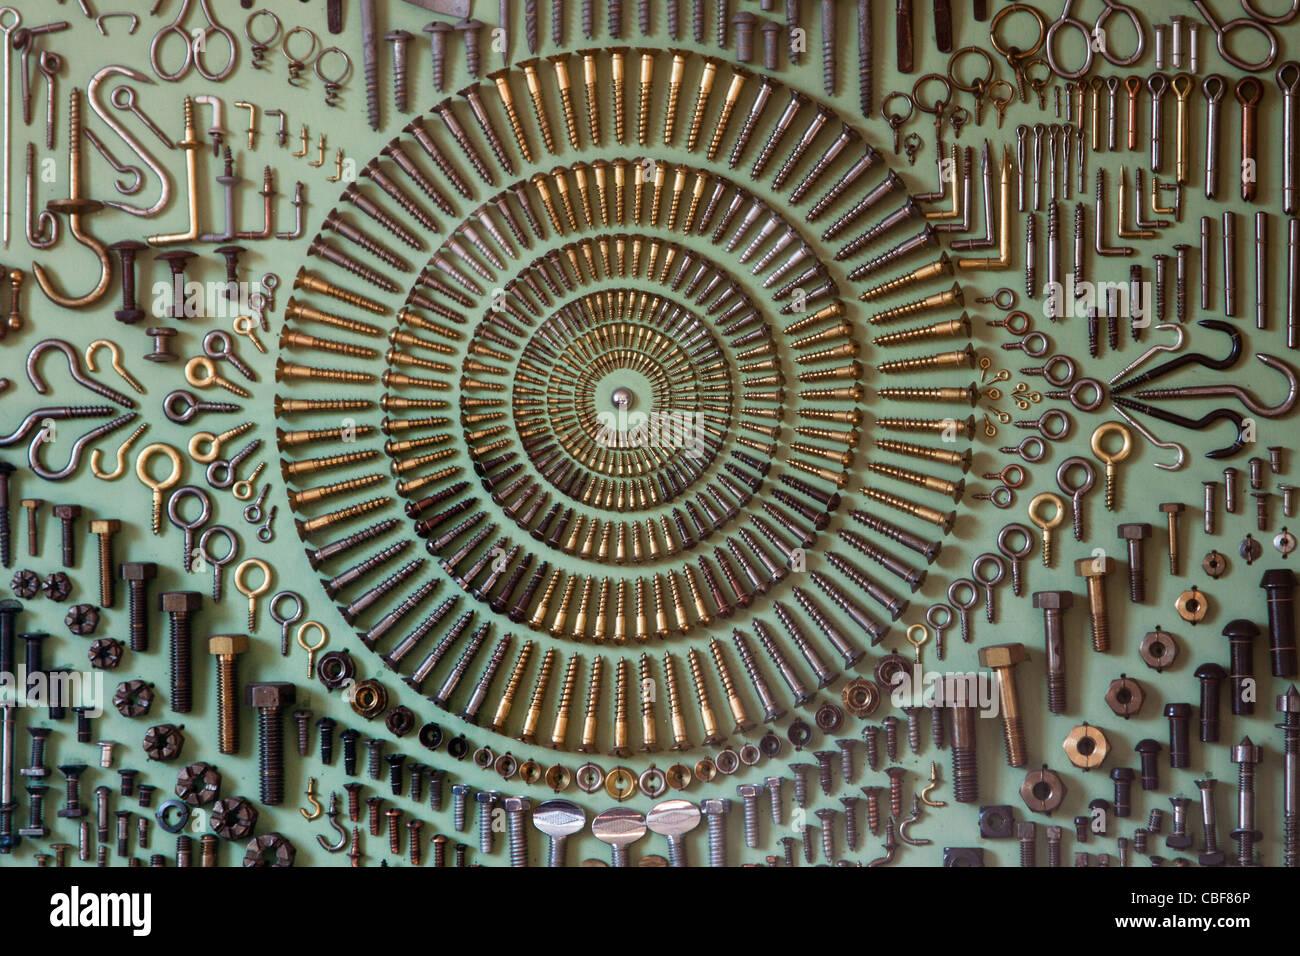 Tornillos ganchos ojos remaches de tuercas y pernos montados en un patrón regular en la placa de la pantalla Imagen De Stock